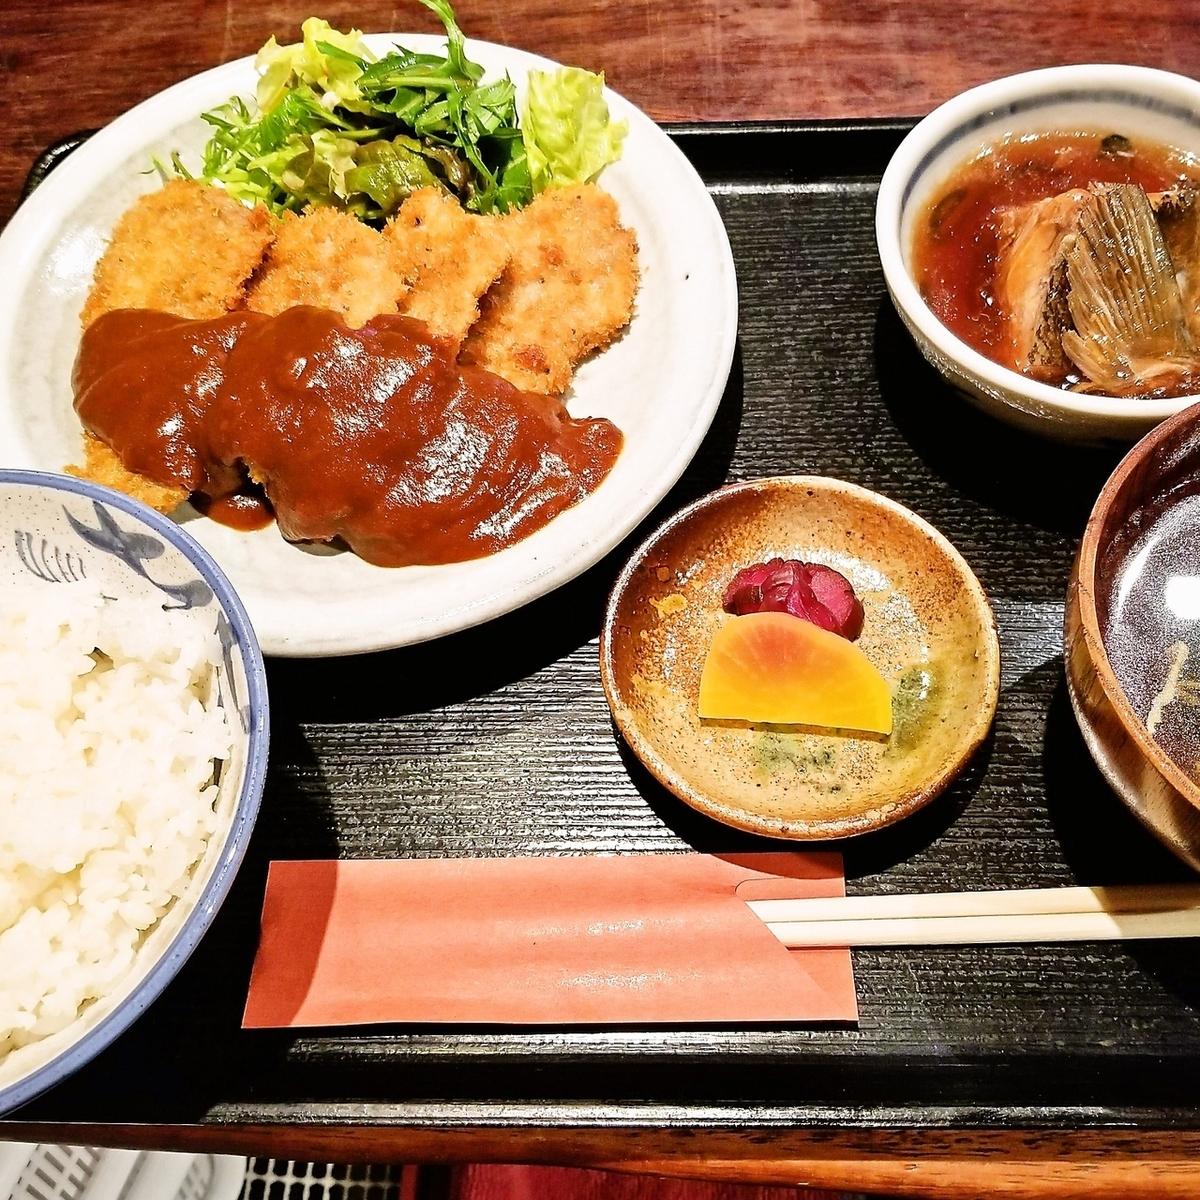 ヒレカツ定食(おろしポン酢/デミグラスソース/とんかつソース)